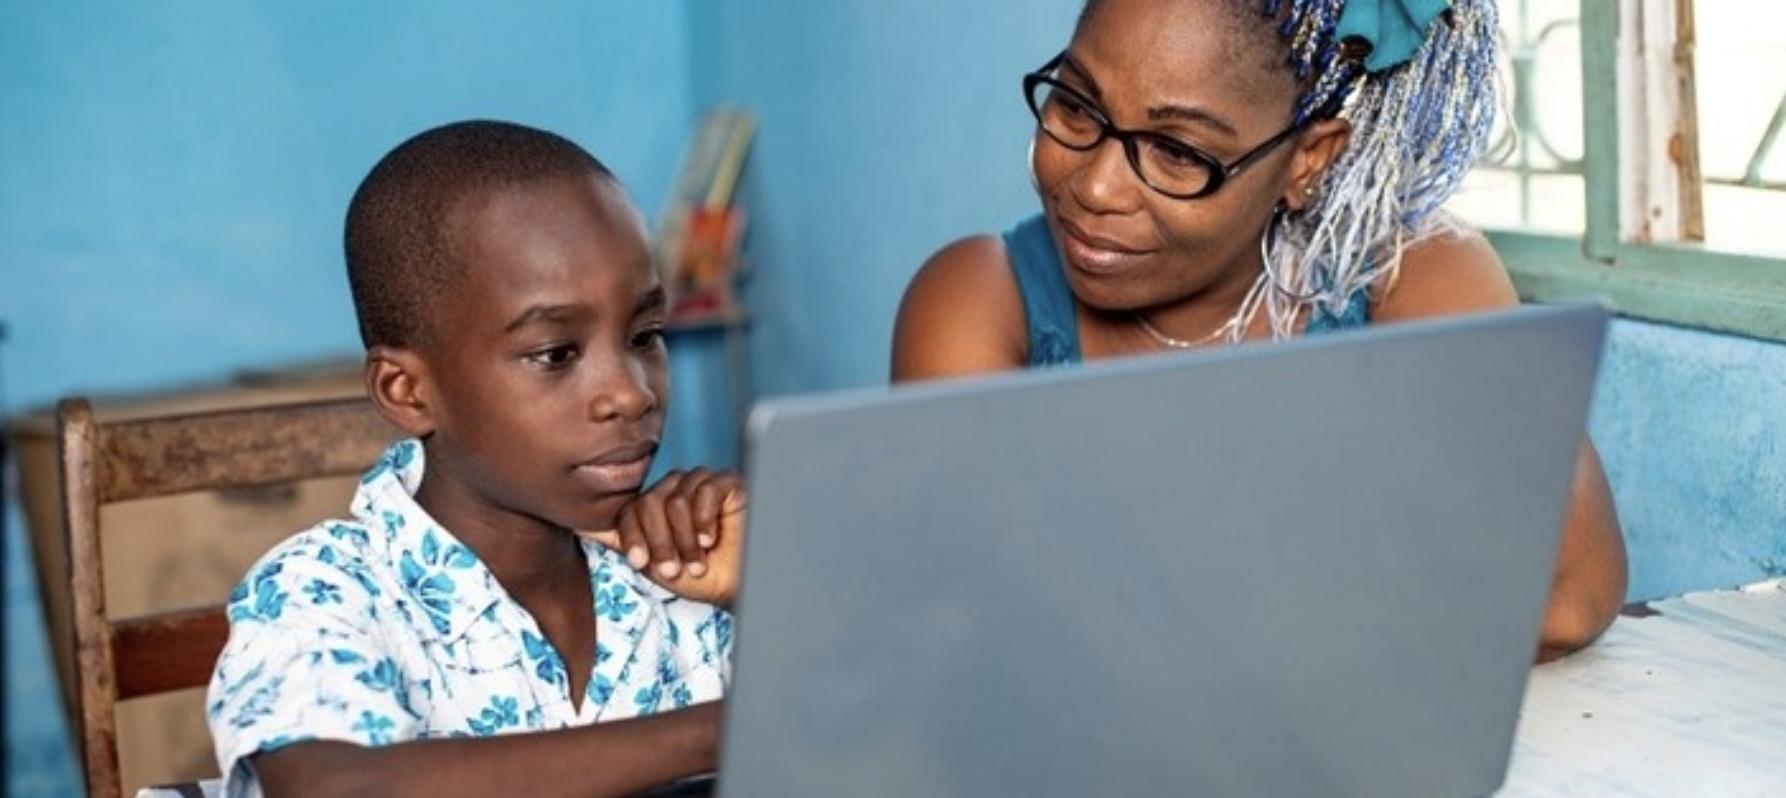 Le tournant de l'apprentissage numérique en Afrique : le rôle des écosystèmes locaux – Un forum de la Coalition mondiale de l'éducation pour célébrer la Journée de l'Afrique